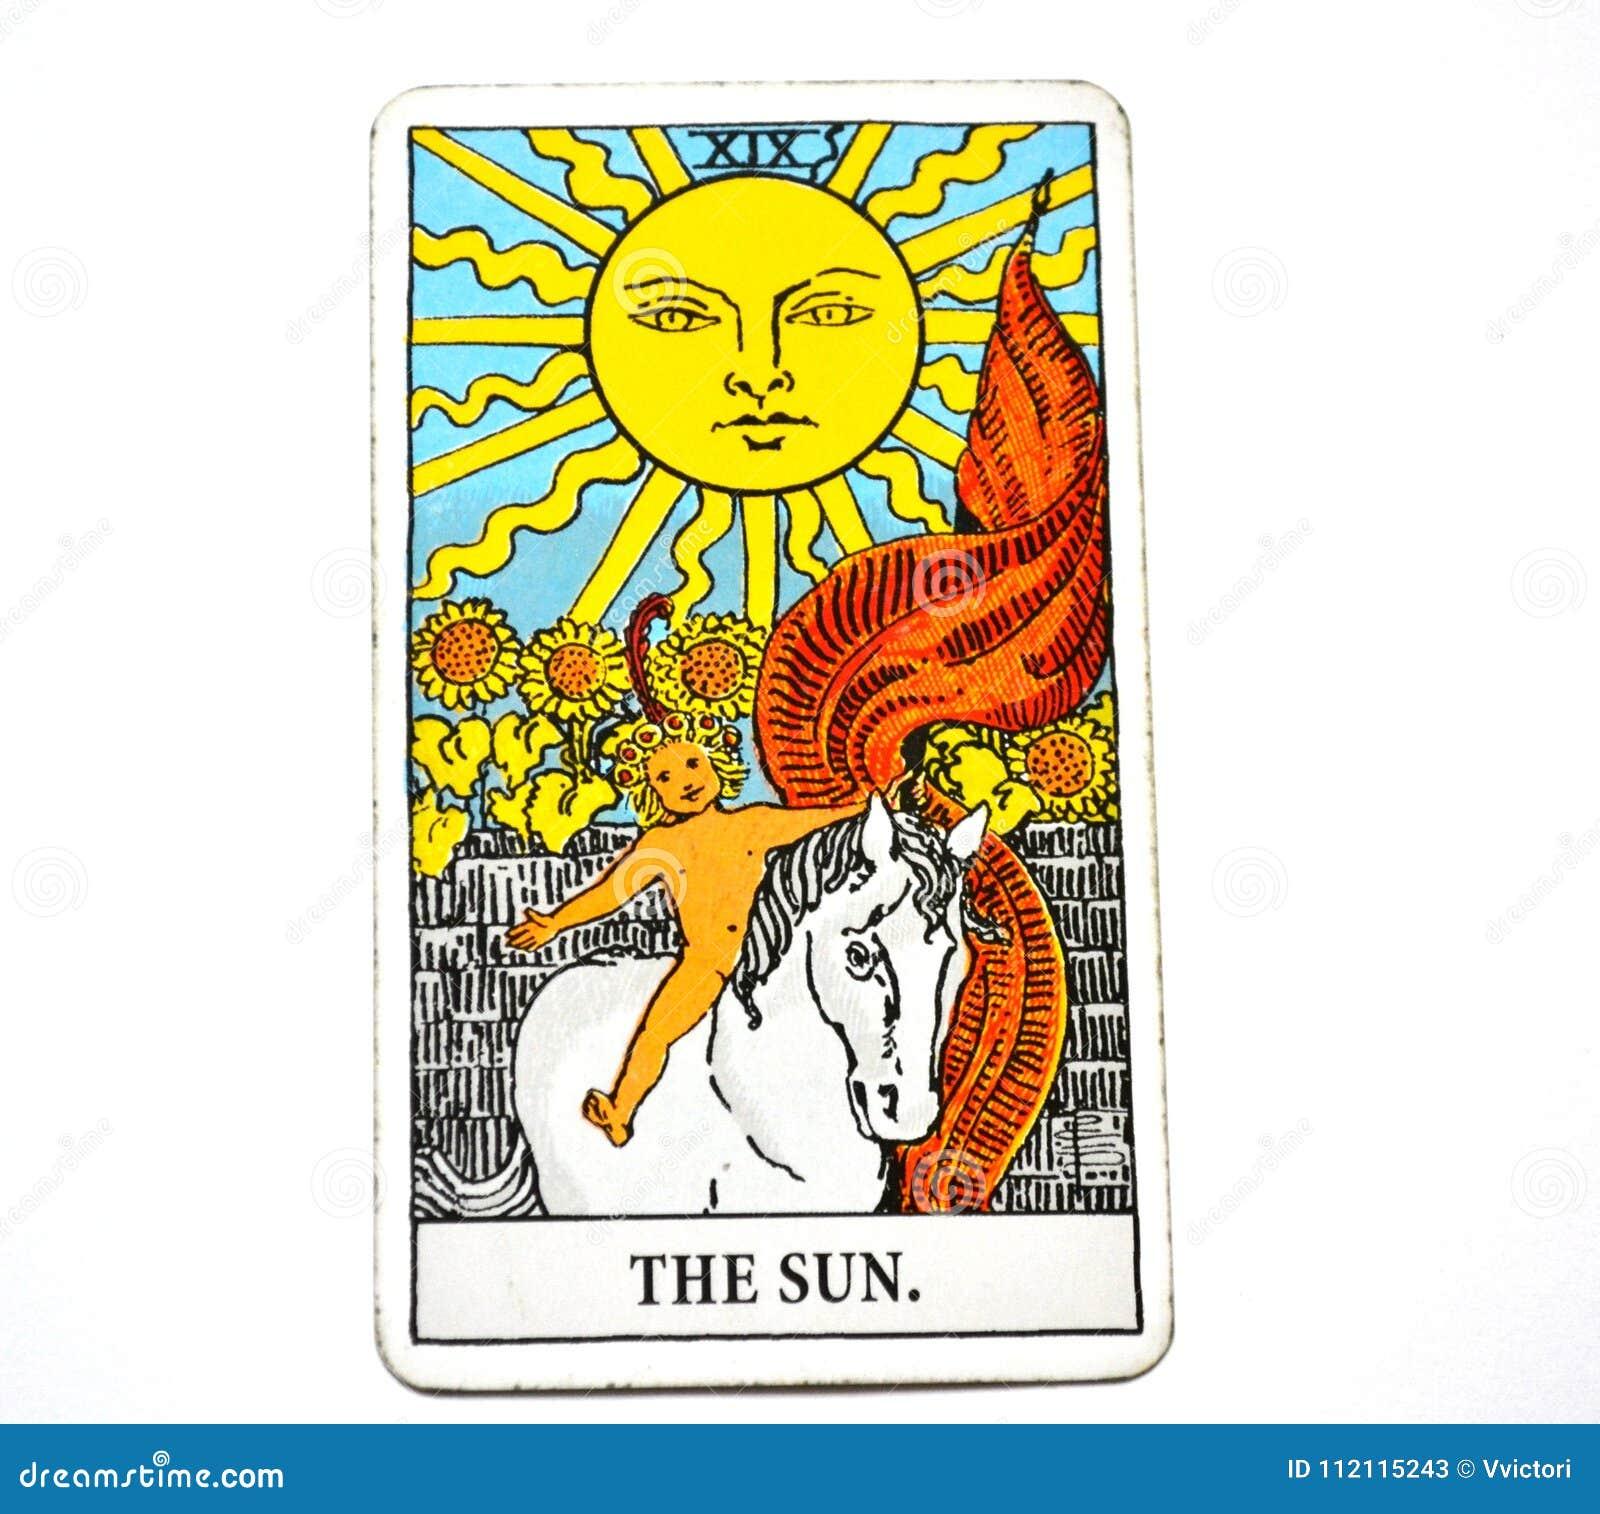 Felicidade da manifestação do calor da iluminação da alegria da vitalidade da energia da vida do cartão de tarô de The Sun